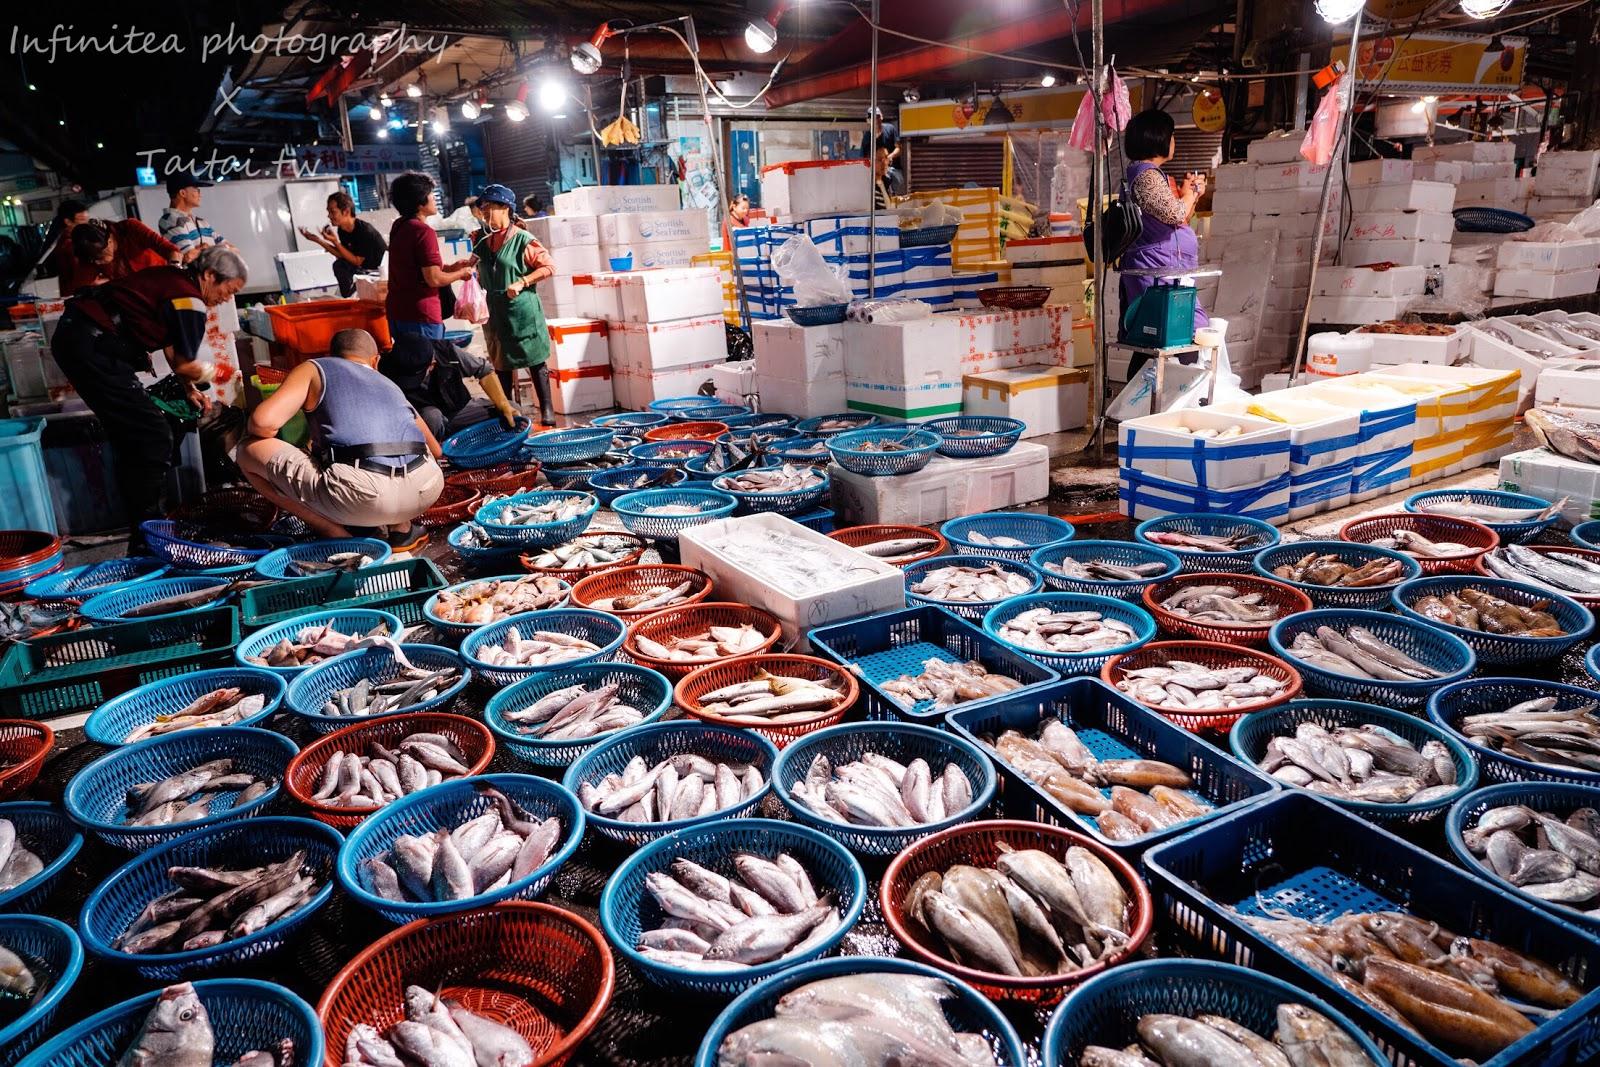 【臺灣.基隆】深夜限定魚市場!跟著海產店老闆去買魚 崁仔頂魚市場 基隆私房景點